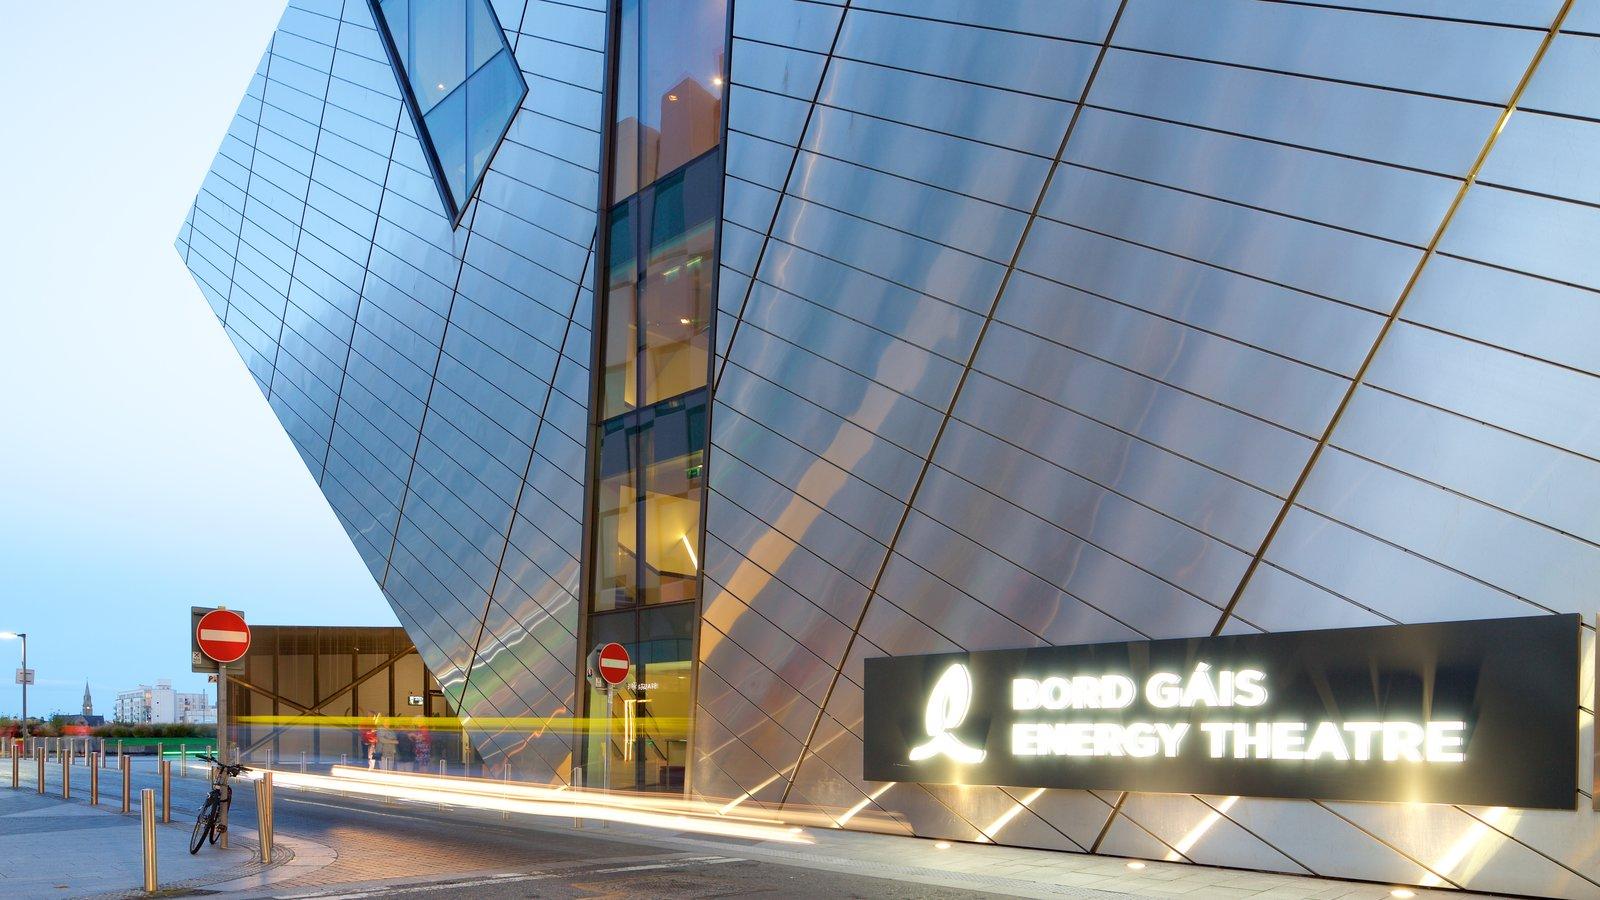 Bord Gais Energy Theatre mostrando señalización, escenas de teatro y escenas urbanas